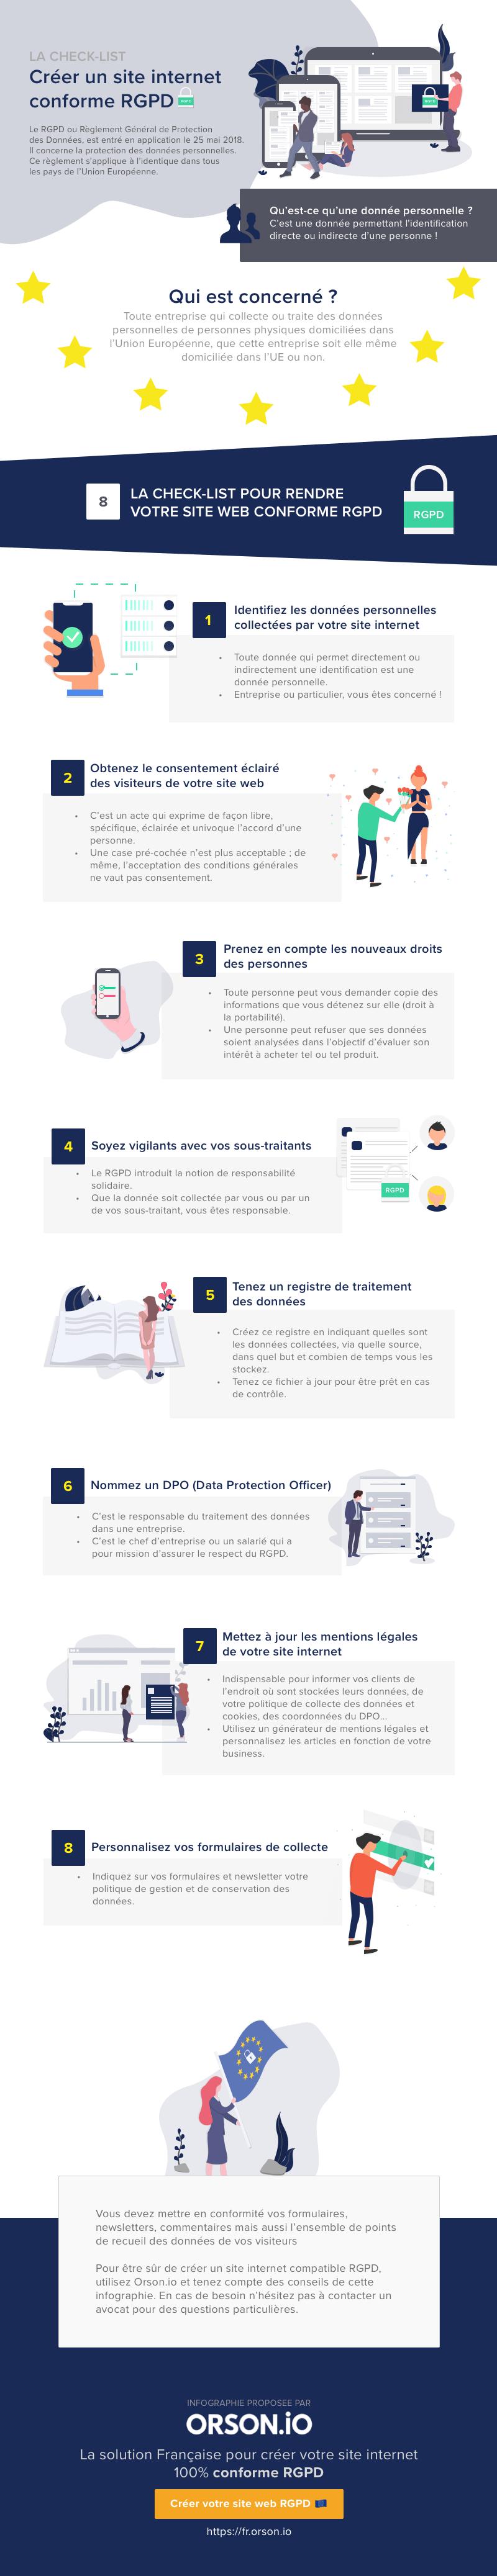 Infographie : Les étapes pour rendre son site conforme au RGPD